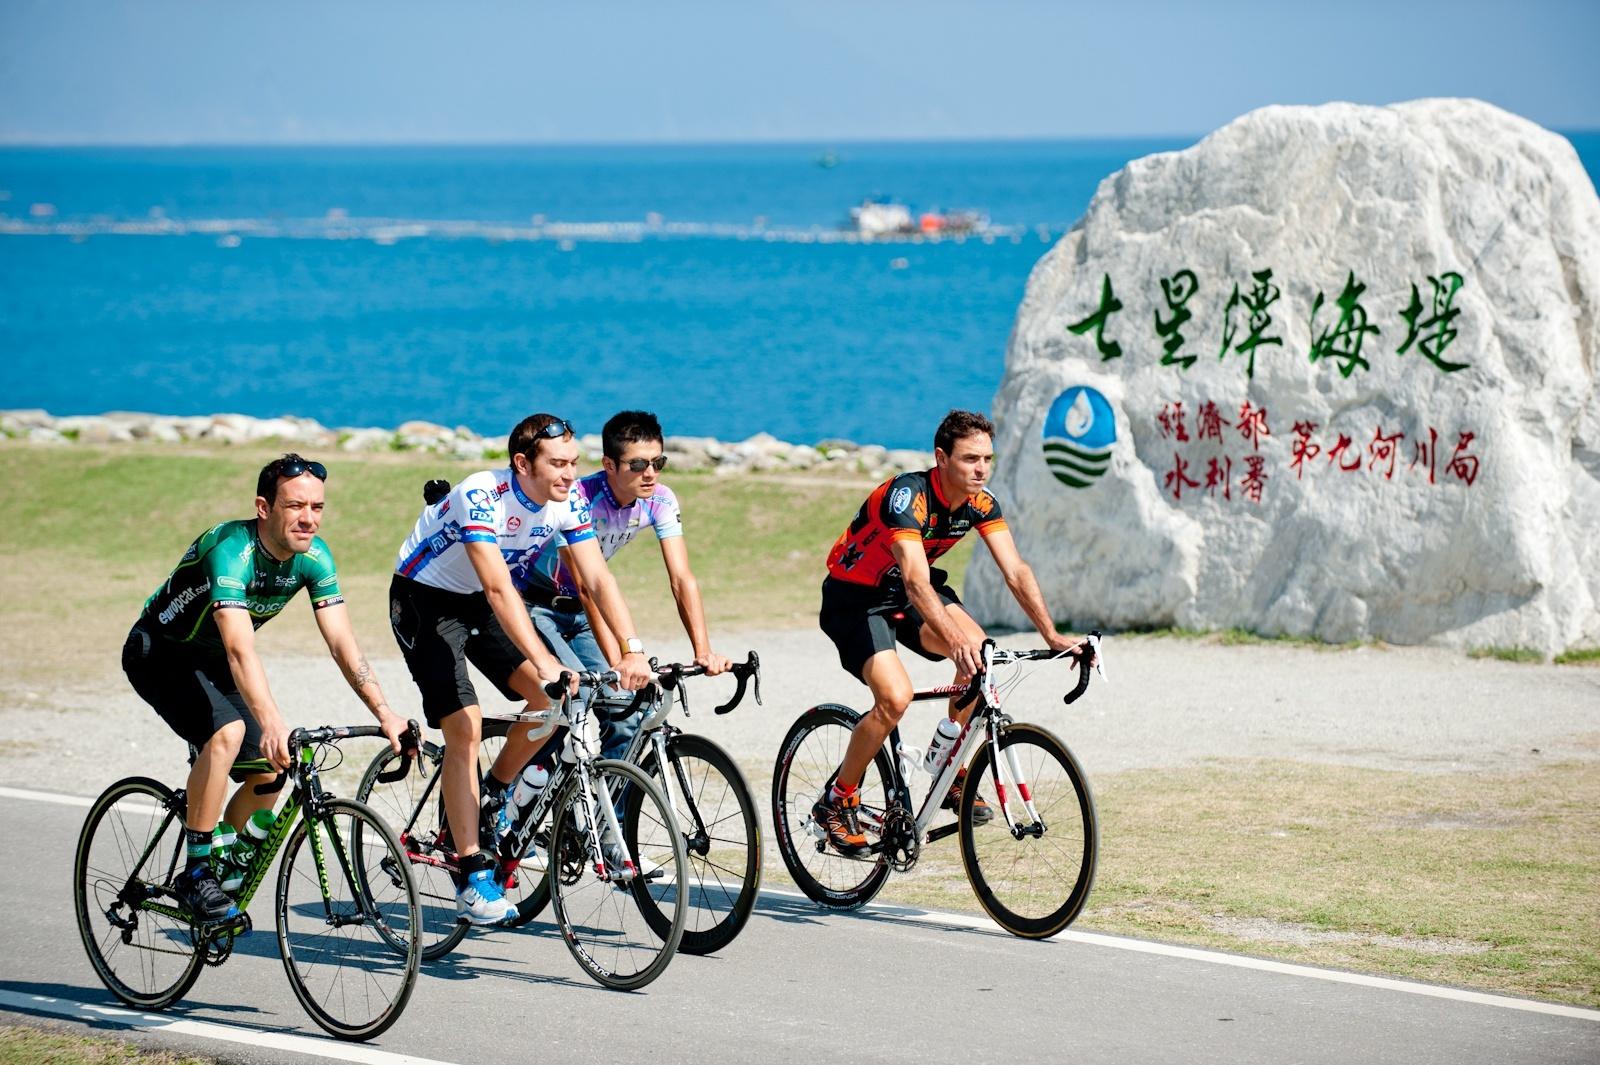 臺灣自行車節 (4)